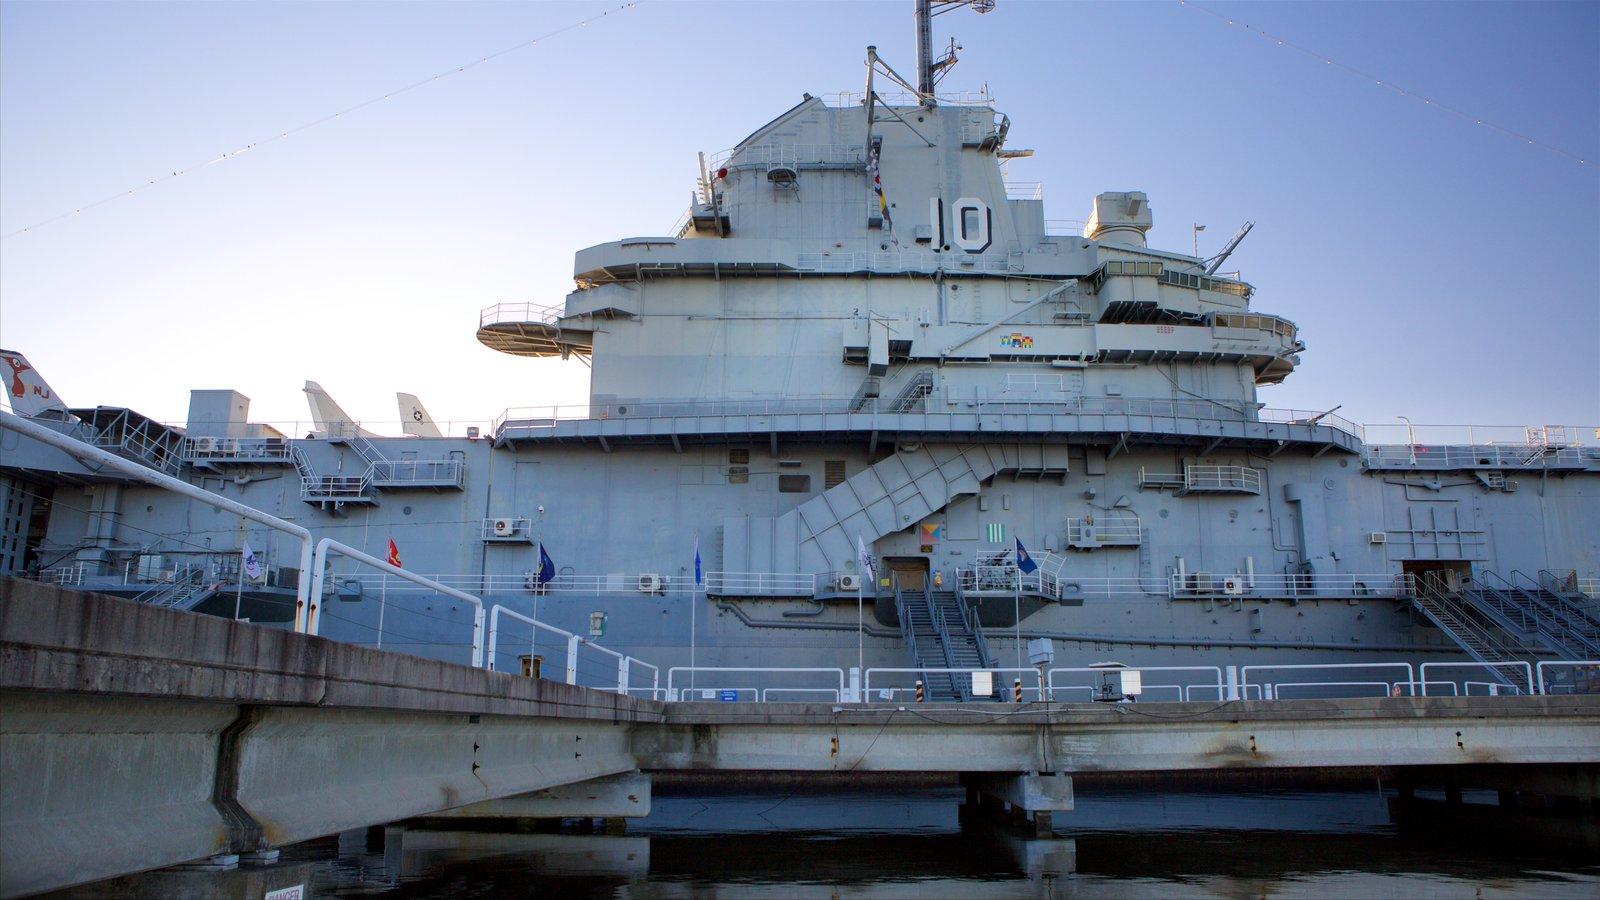 USS Yorktown caracterizando um pôr do sol e uma baía ou porto